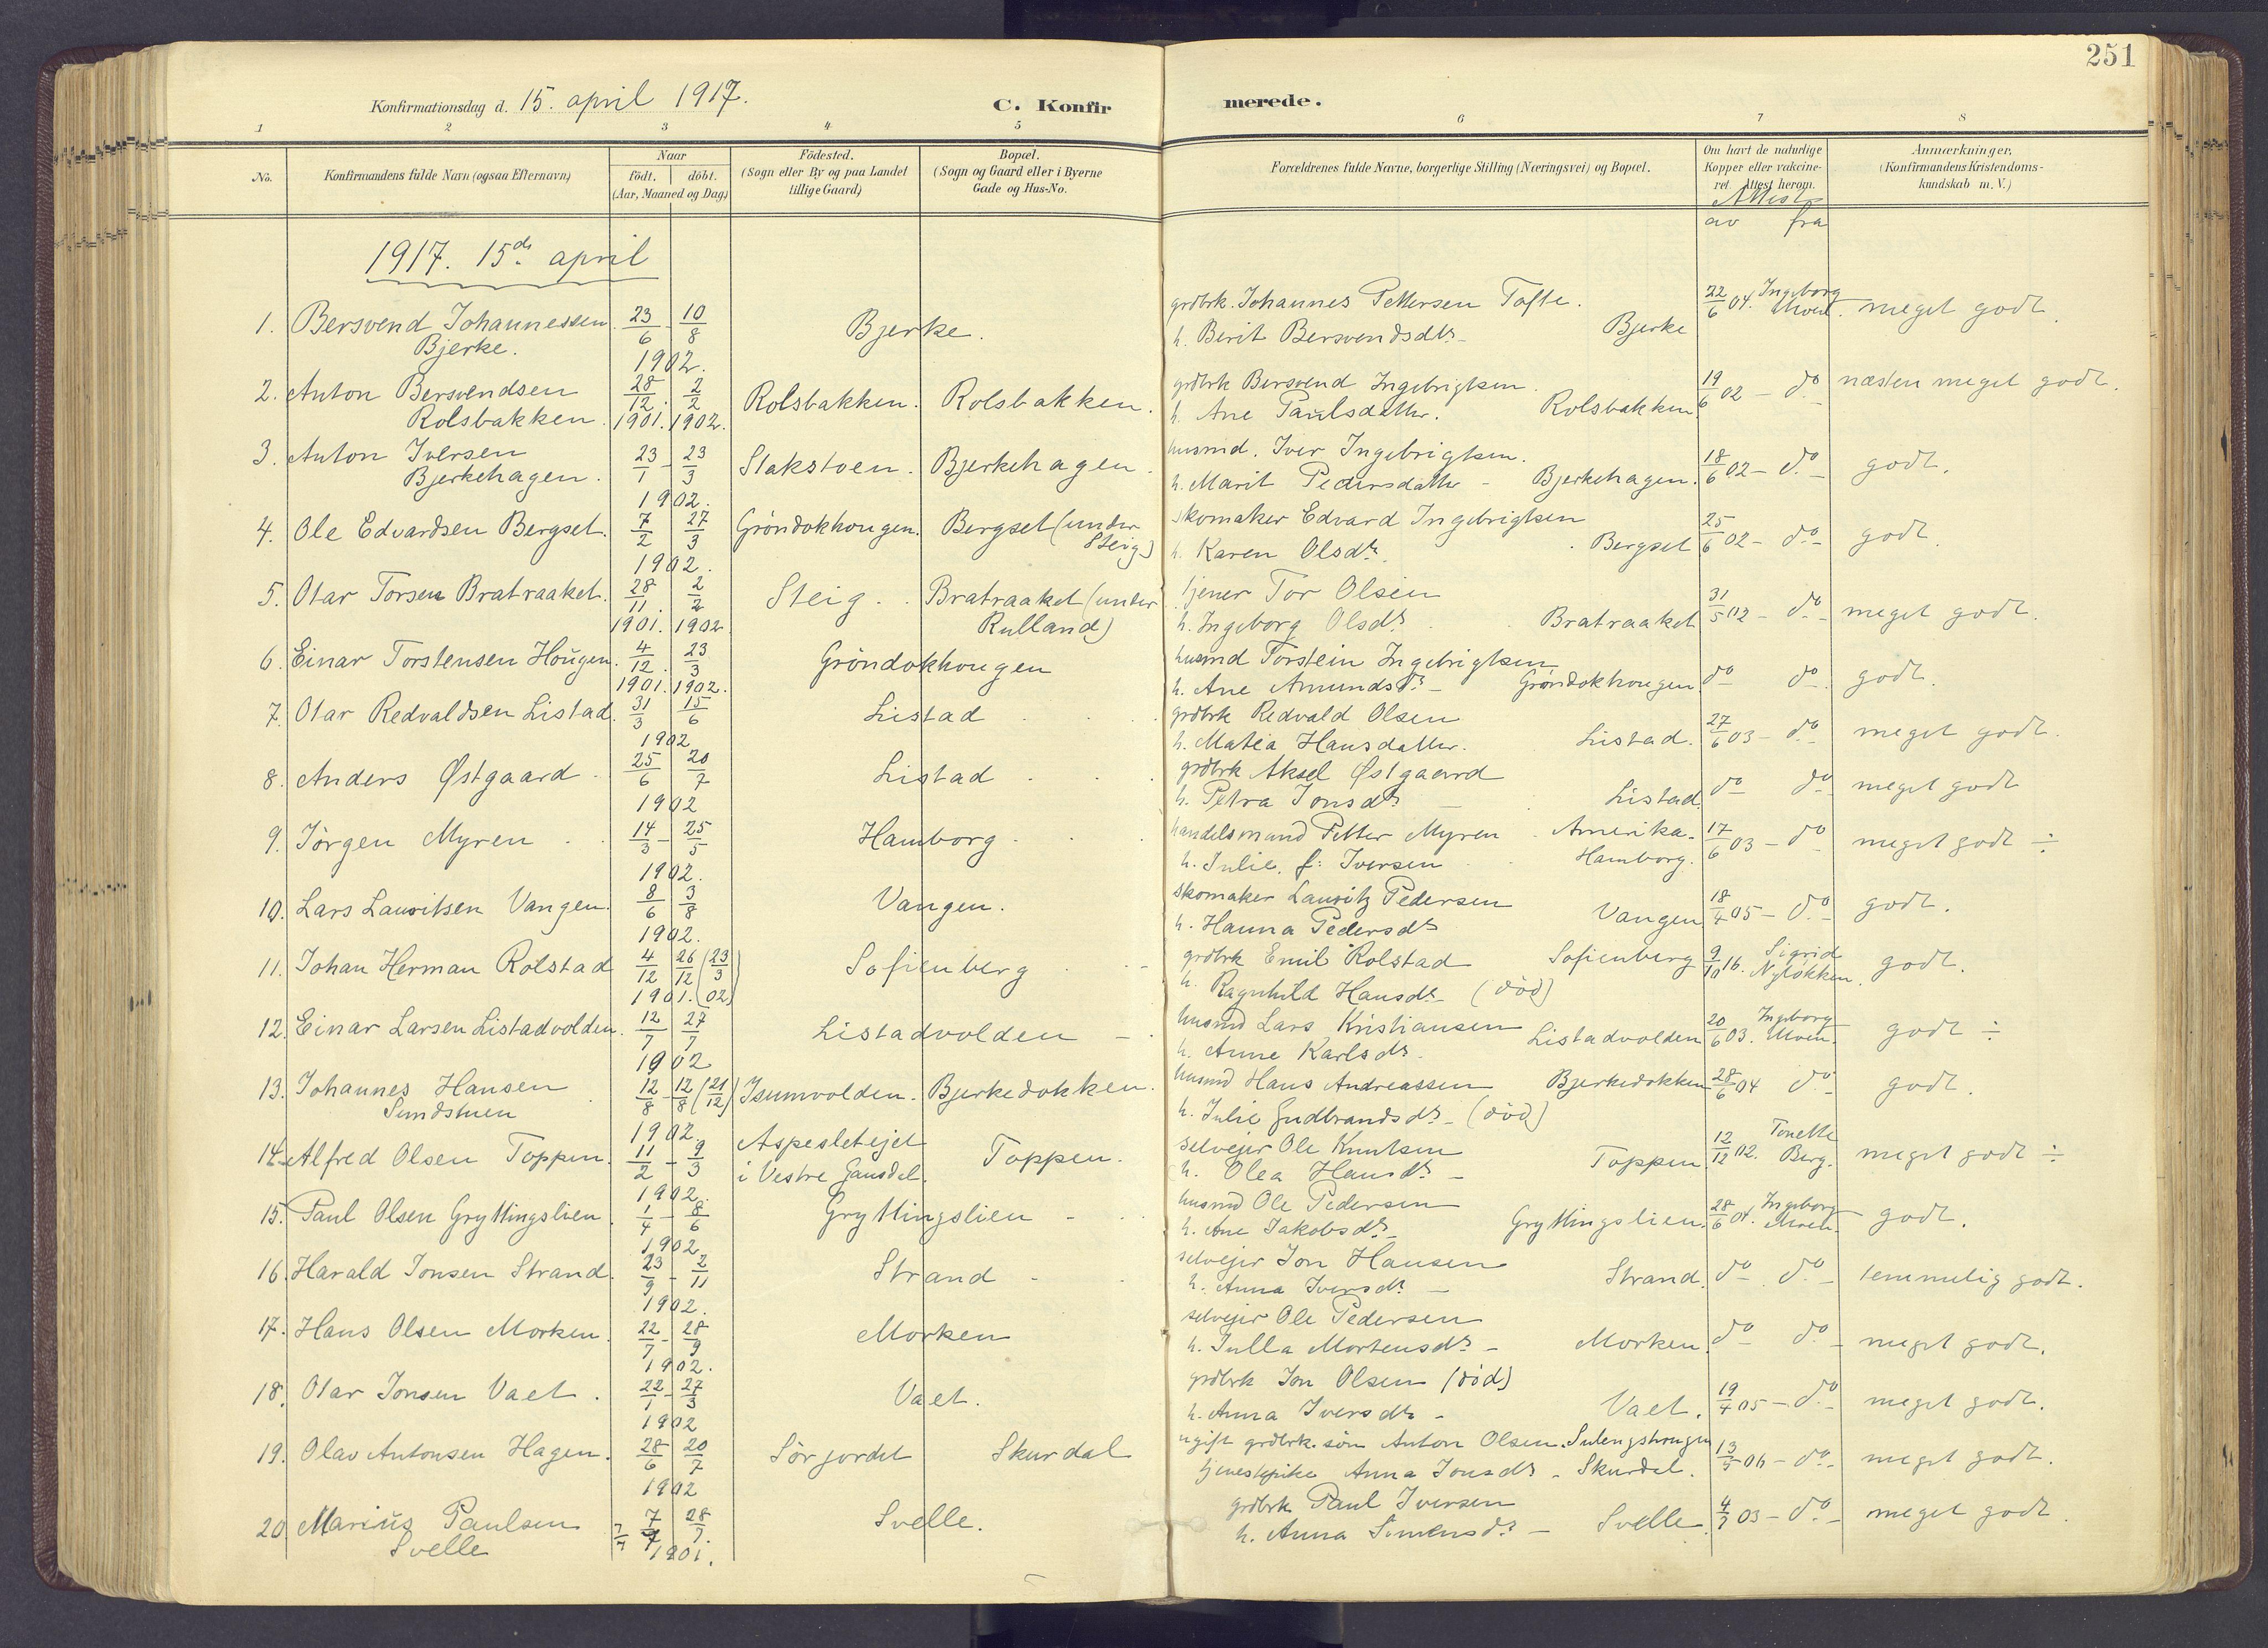 SAH, Sør-Fron prestekontor, H/Ha/Haa/L0004: Ministerialbok nr. 4, 1898-1919, s. 251